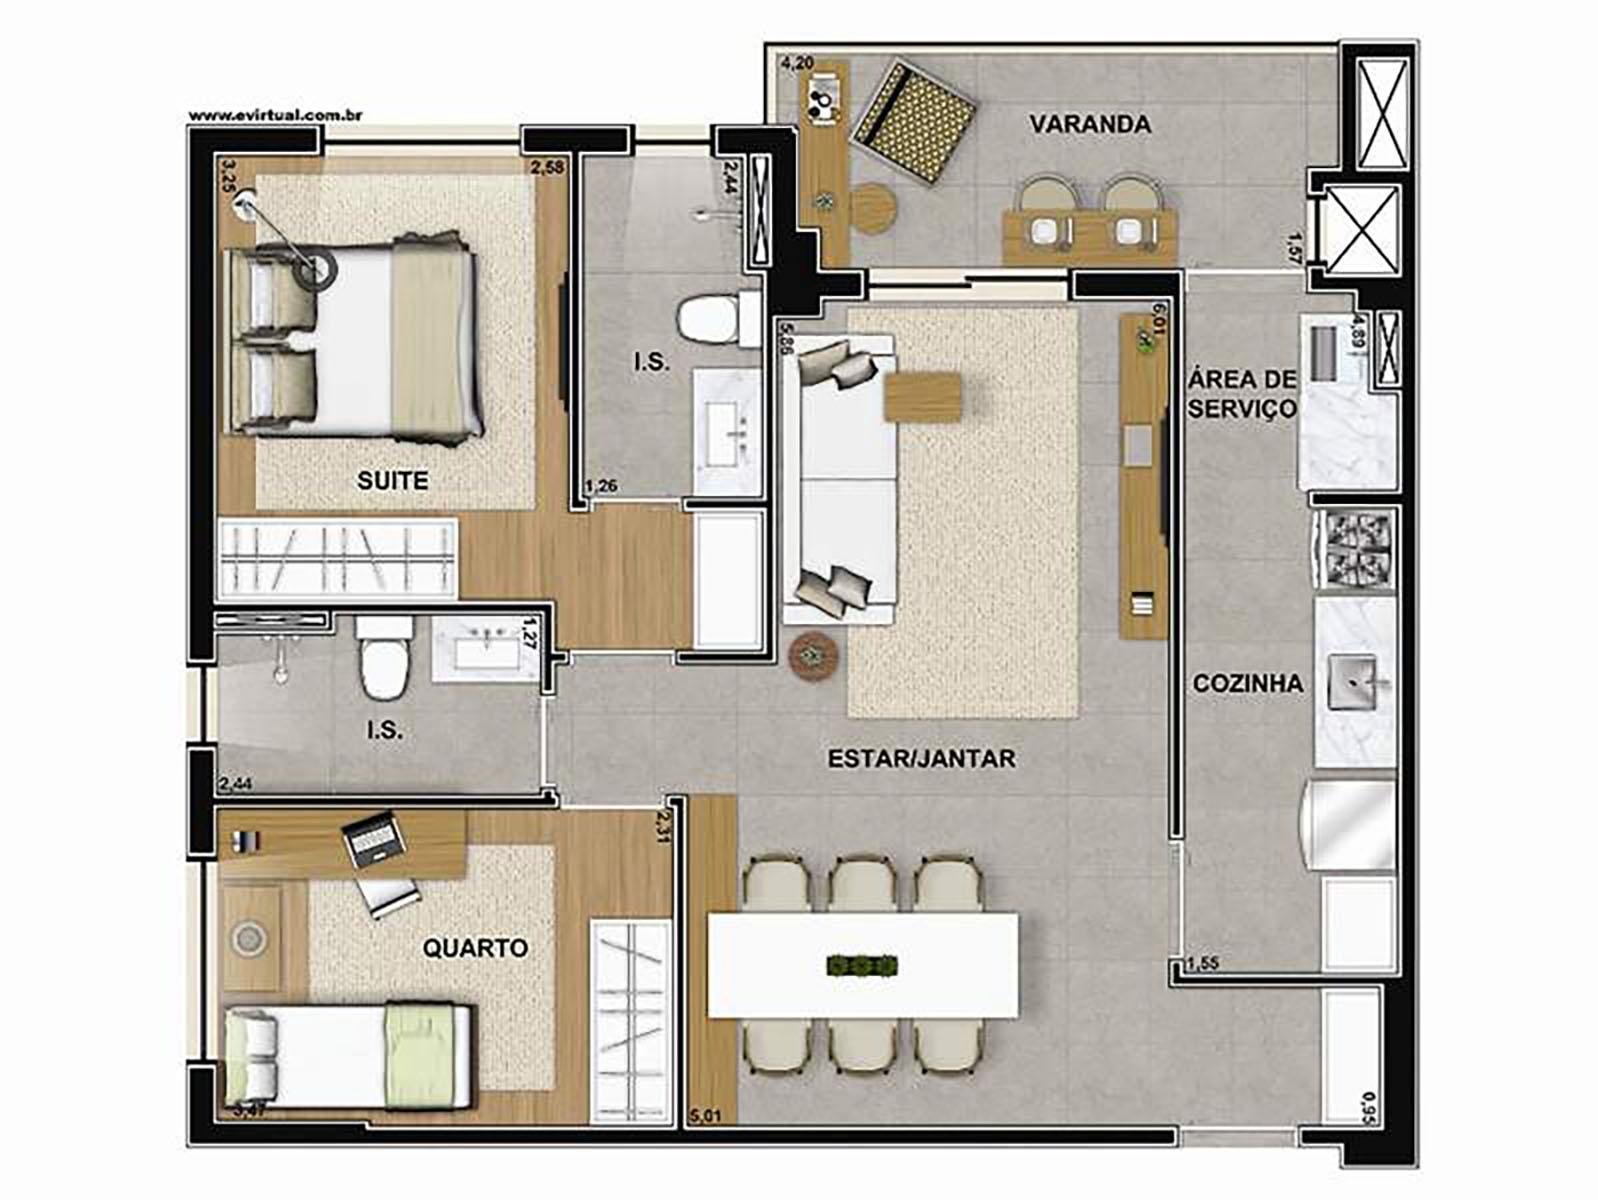 Ilustração Artística da Planta de 67 m² com 2 dorms. Vega to Live